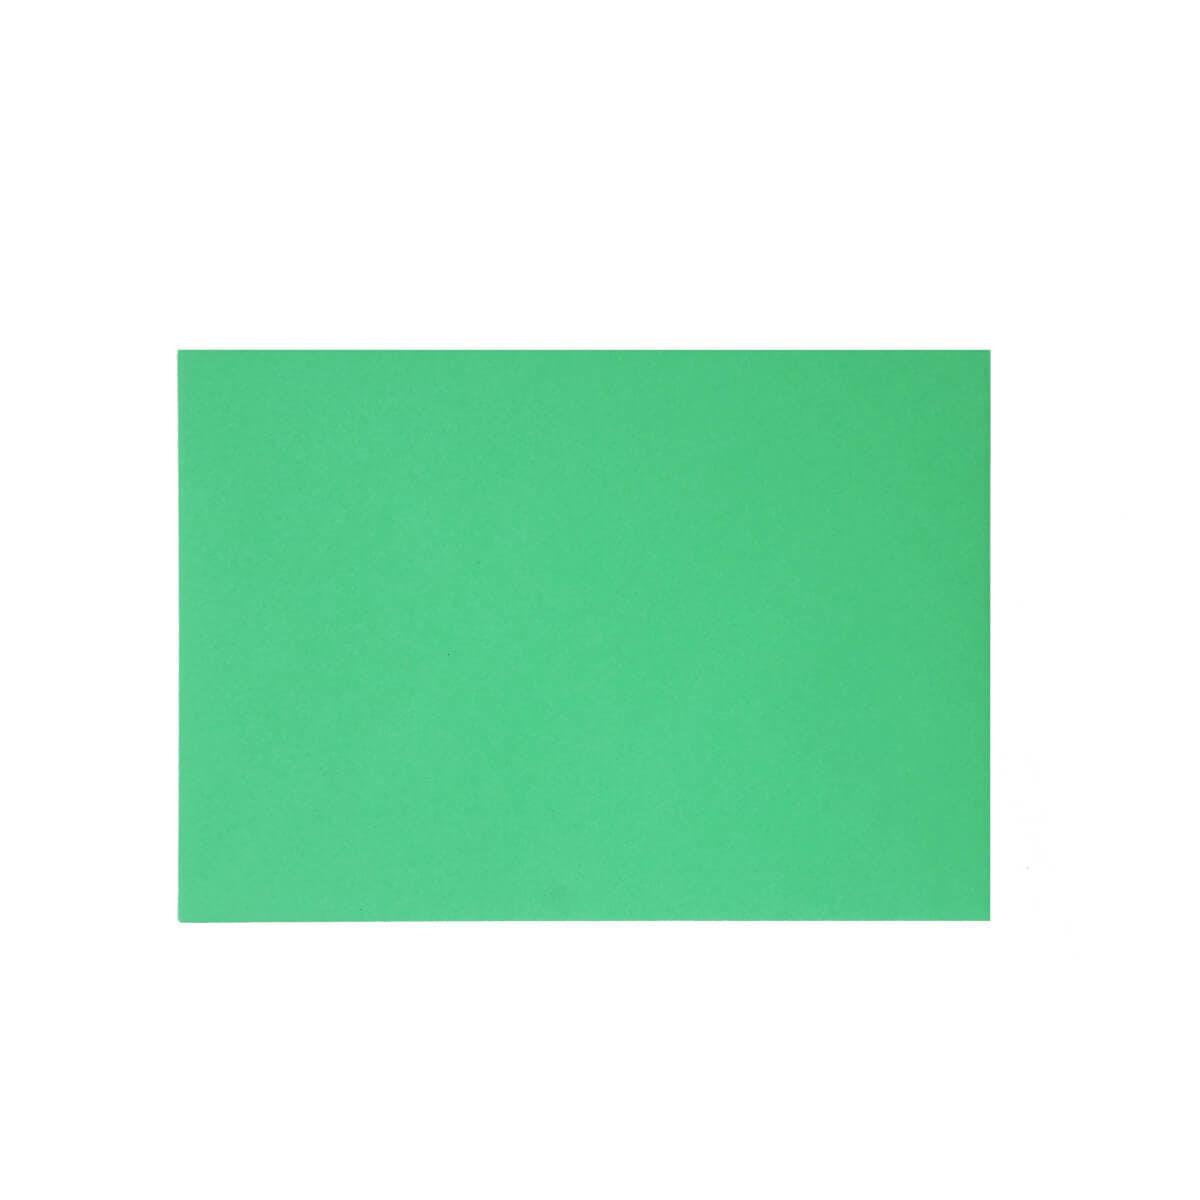 C6 SPEARMINT GREEN ENVELOPES